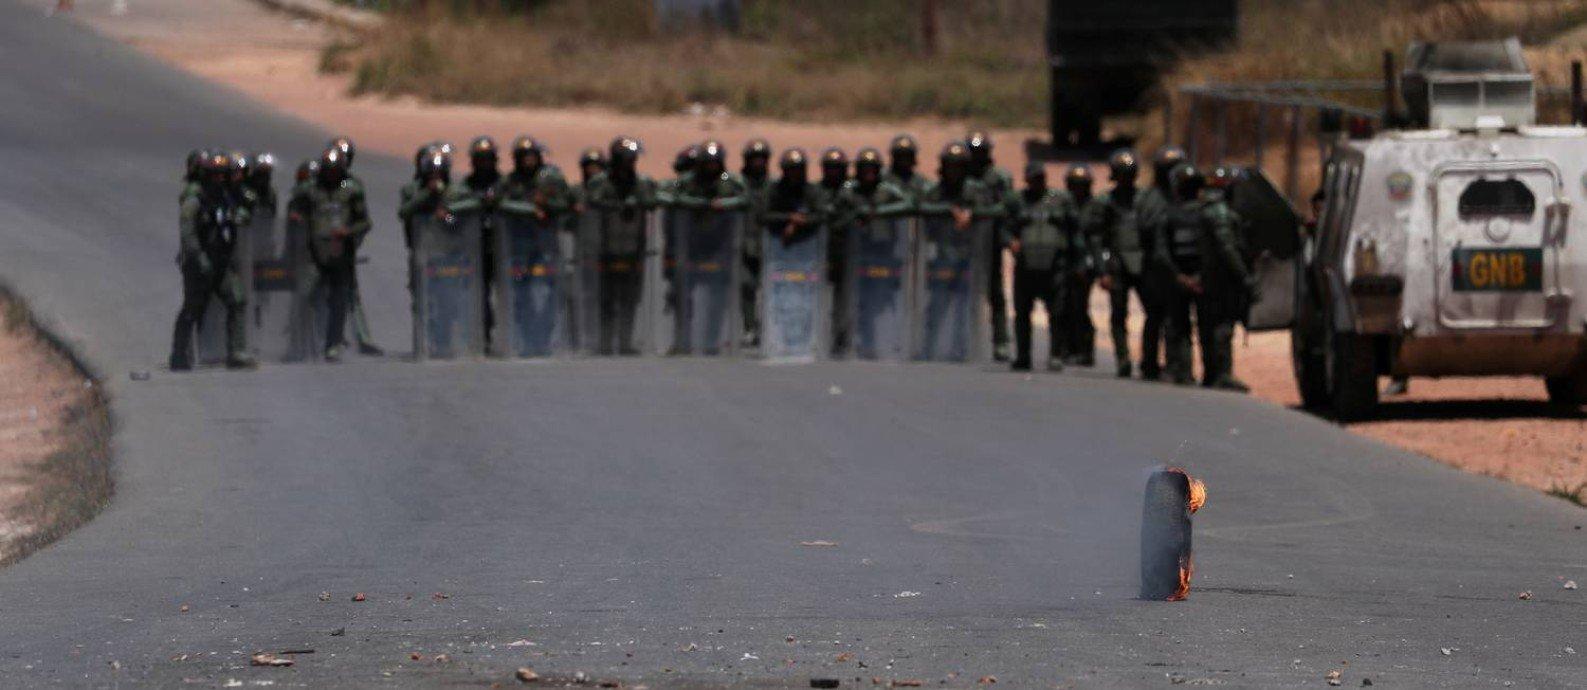 Foto Ricardo Moraes - Reuters